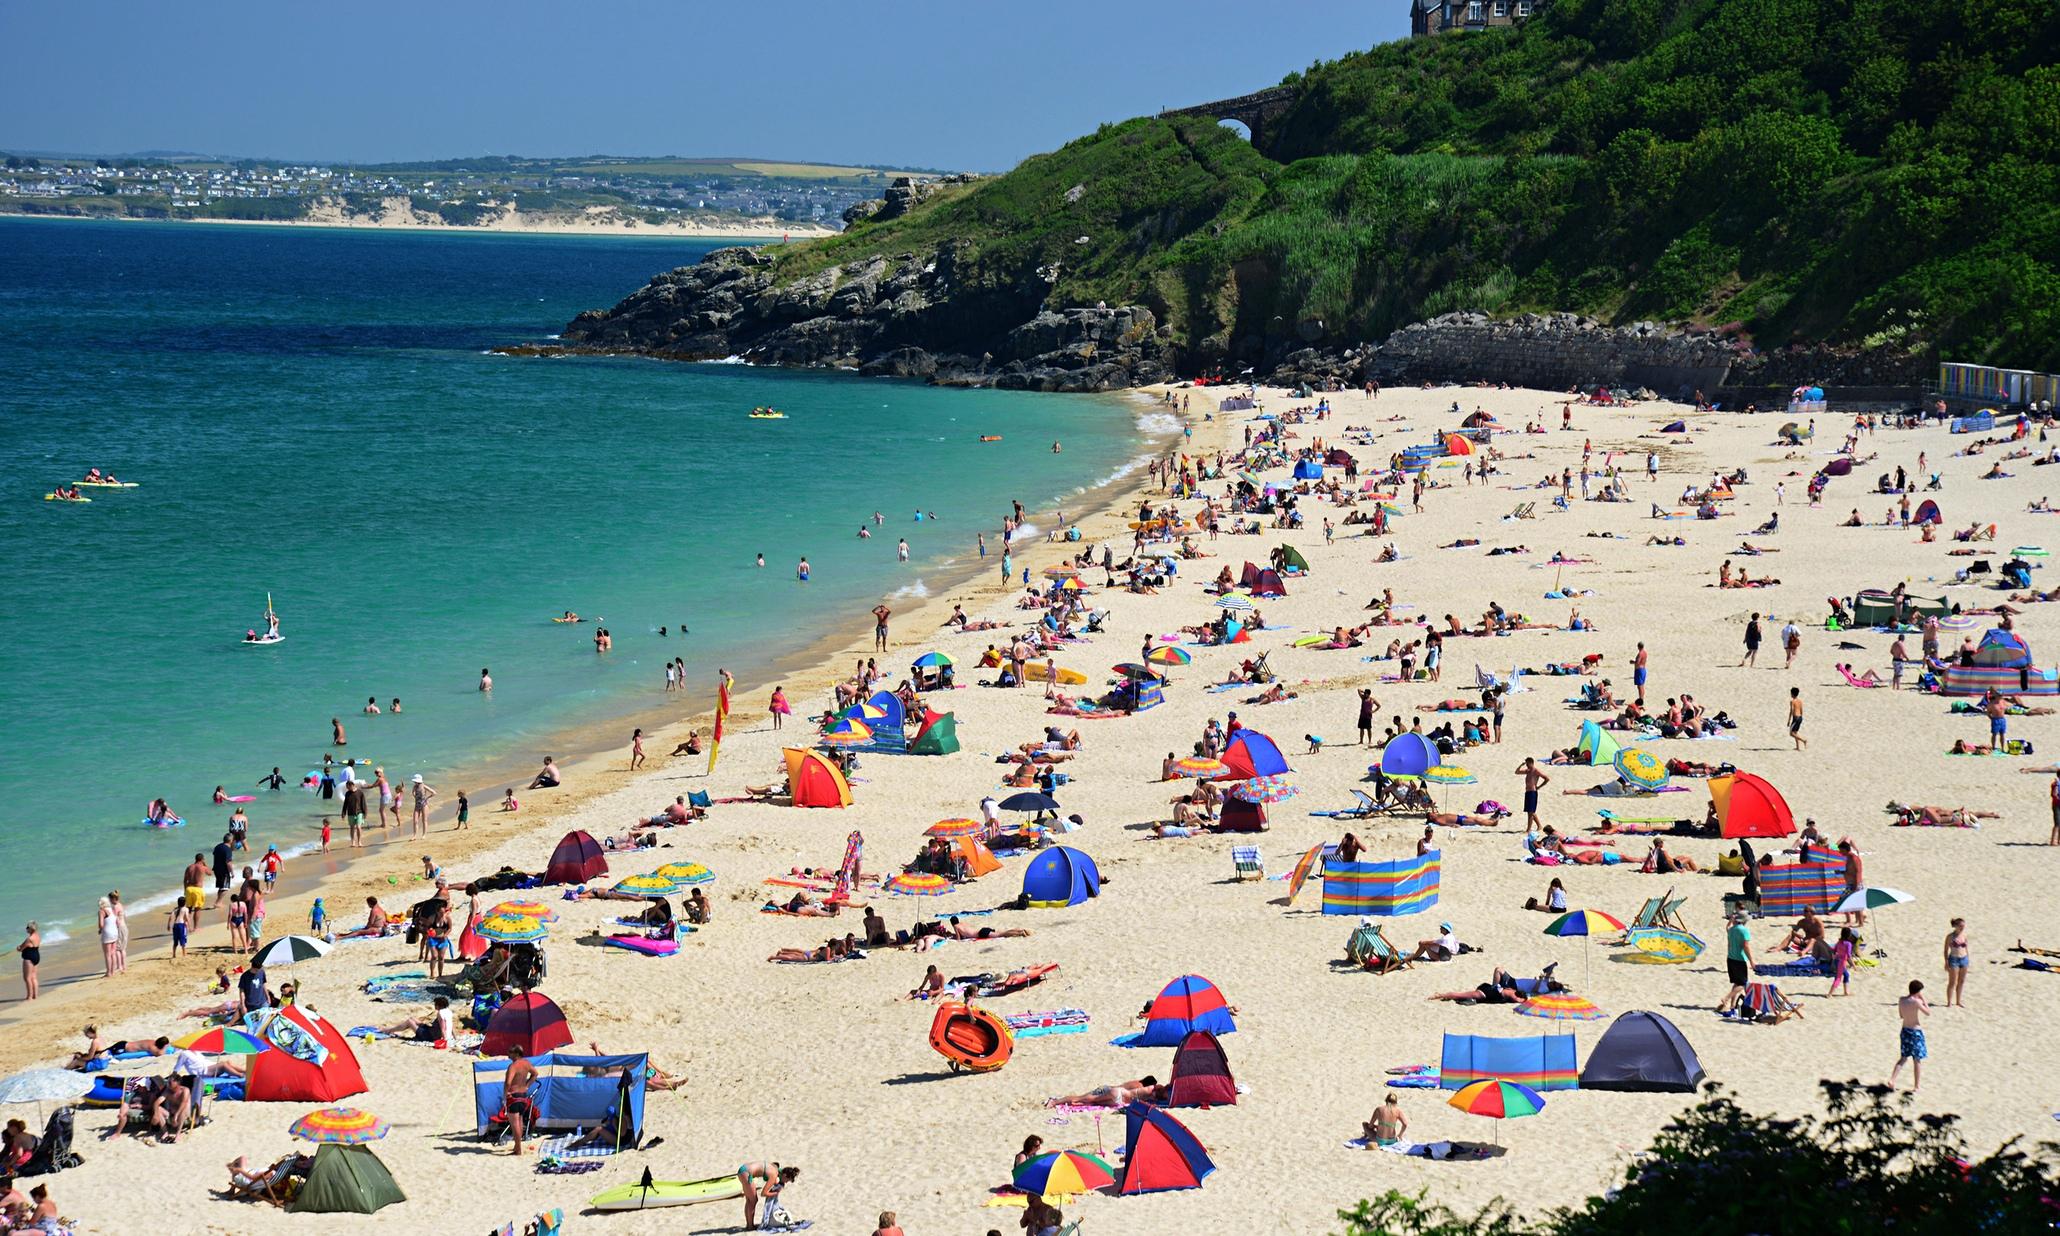 Playa barato vacaciones en el extranjero, ofertas de vacaciones fuera de horario o de última hora vacaciones en la playa